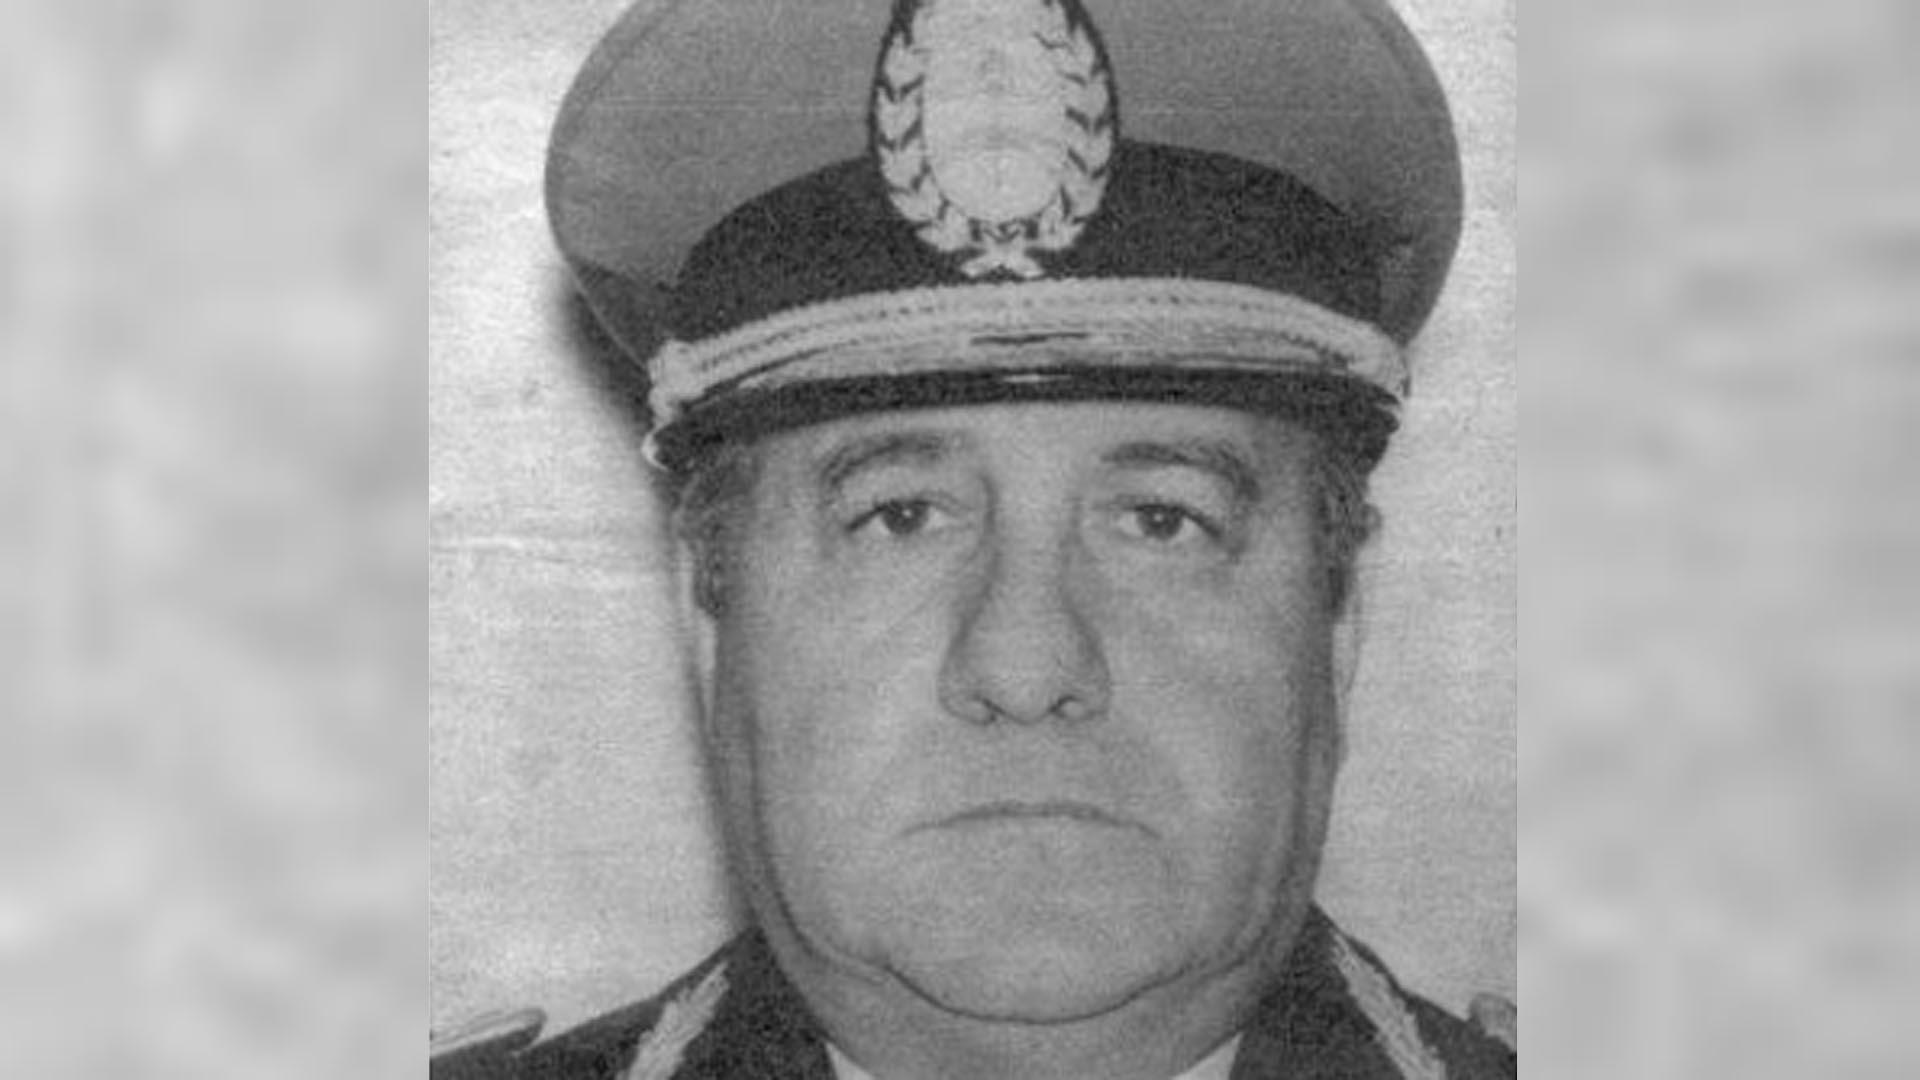 Villar citó a los jefes de las barras y los adoctrinó sobre el peligro de la infiltración subversiva